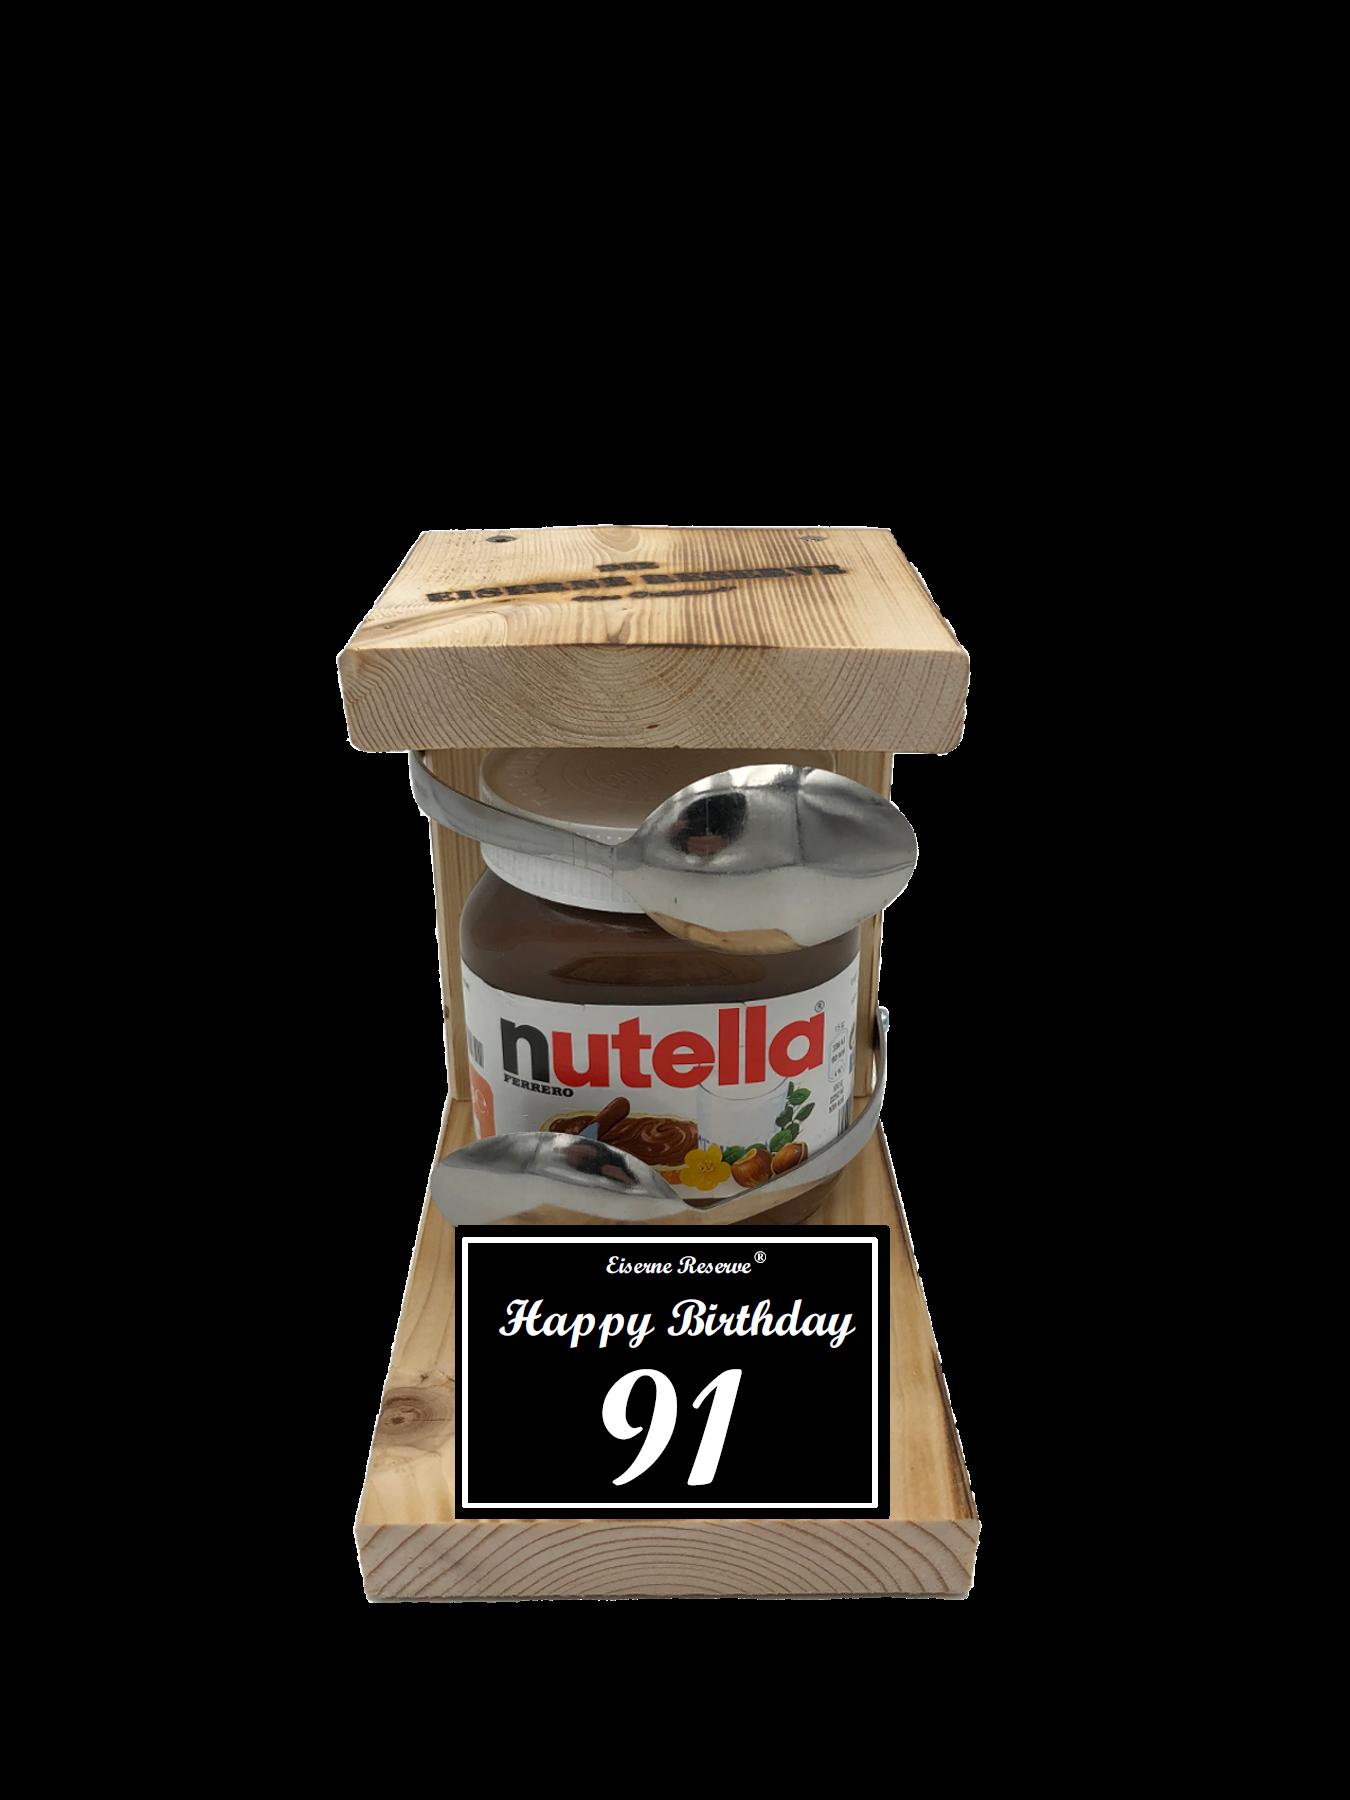 91 Happy Birthday Löffel Nutella Geschenk - Die Nutella Geschenkidee